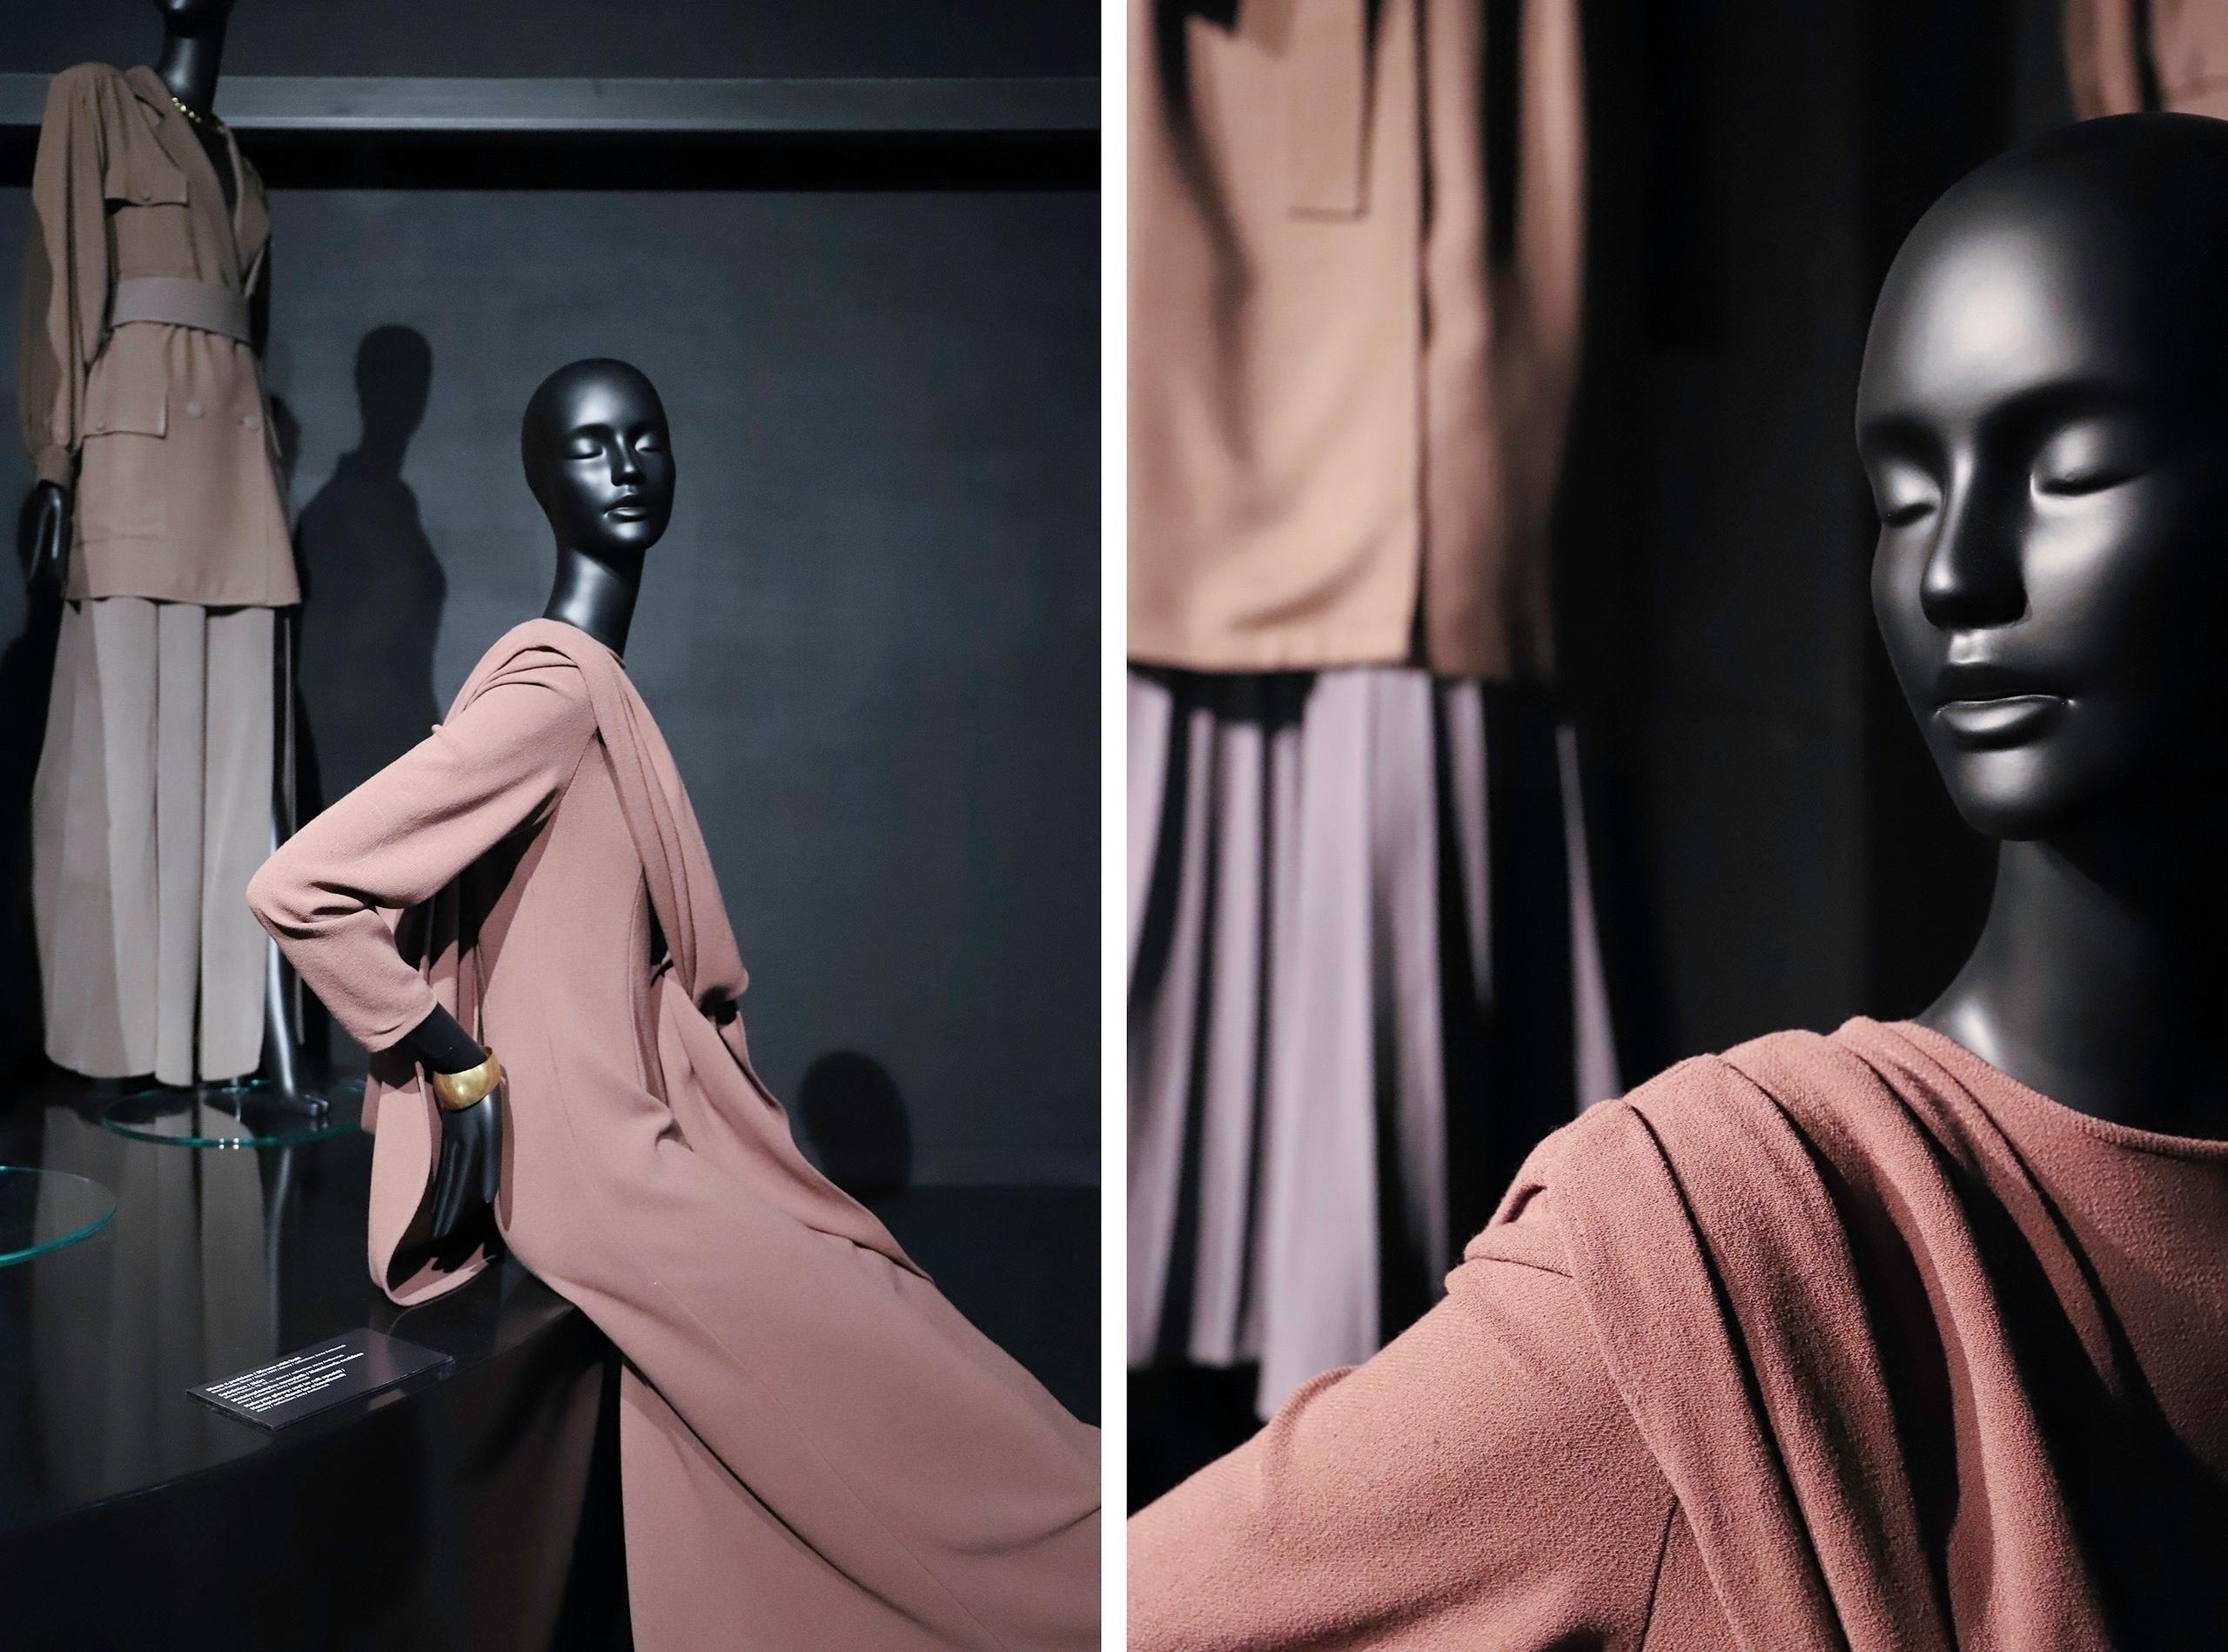 Obraz przedstawia dwa zdjęcia czarnych manekinów ubranych w beżowe kreacje.